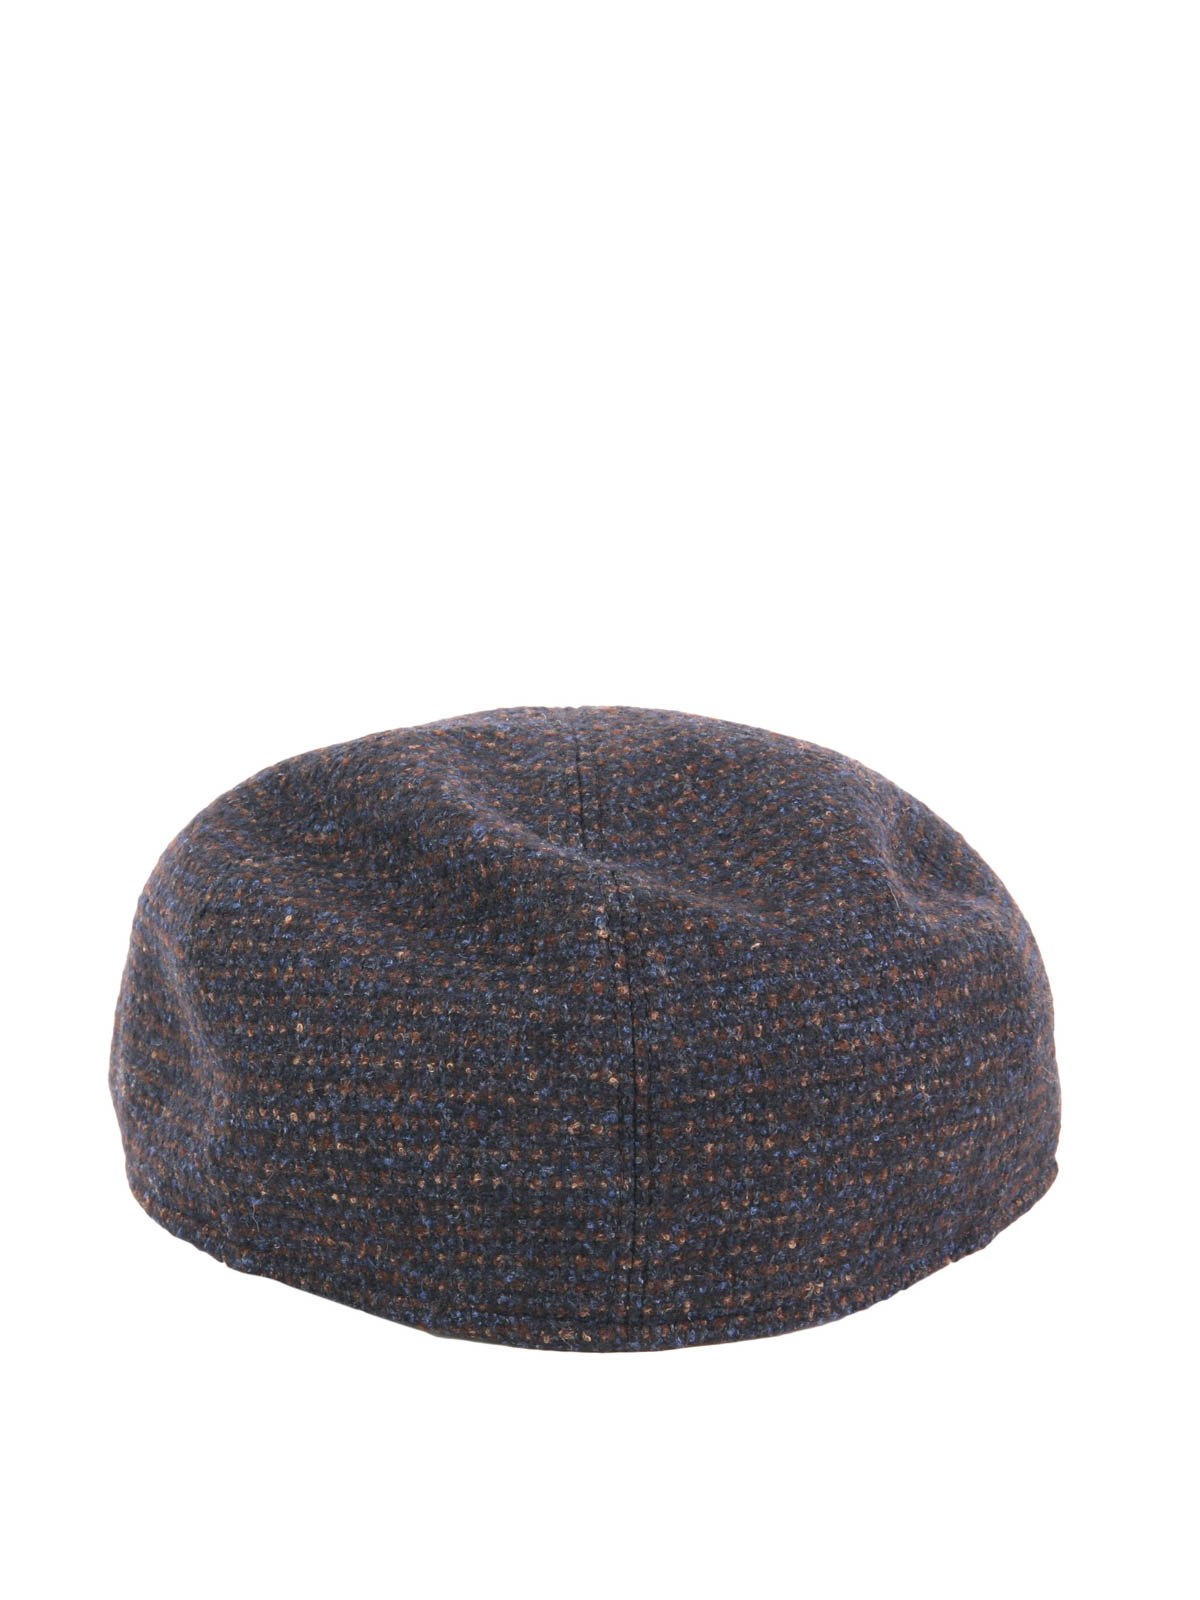 Tagliatore - Berretto in misto lana - cappelli - DONALD M1039 ... c0d049f8381b